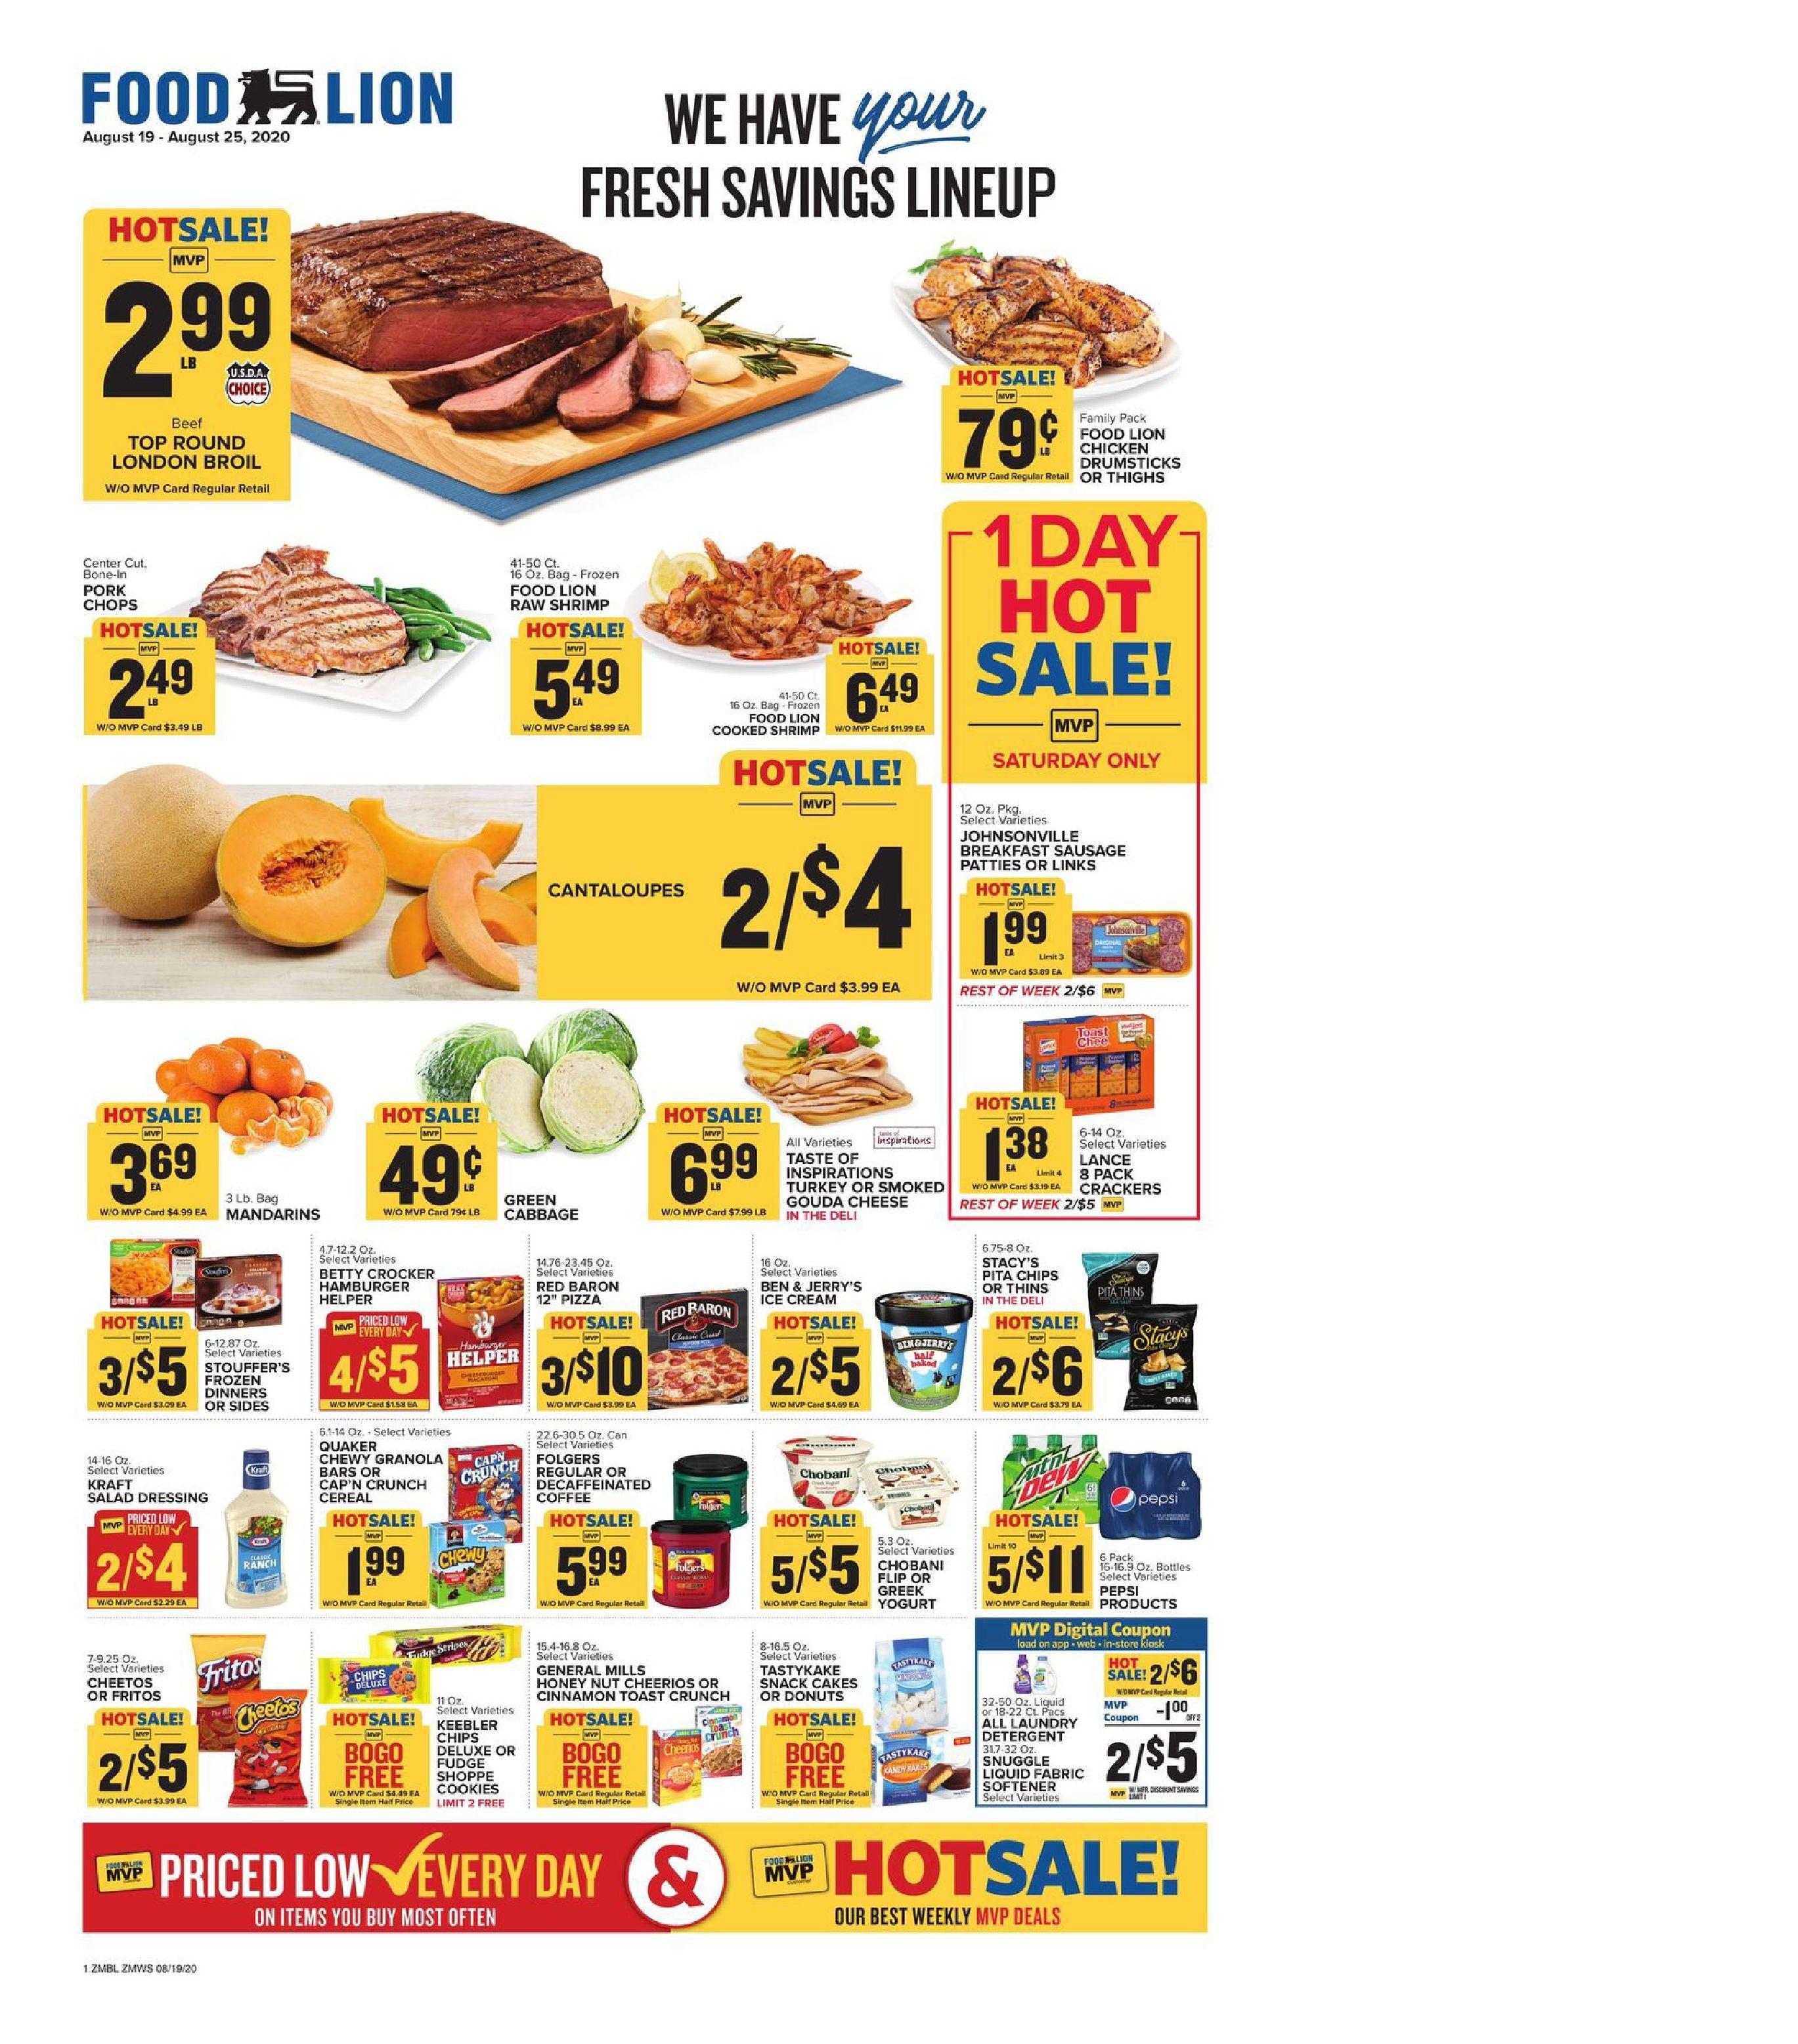 Food lion weekly ad aug 19 aug 25 2020 sneak peek